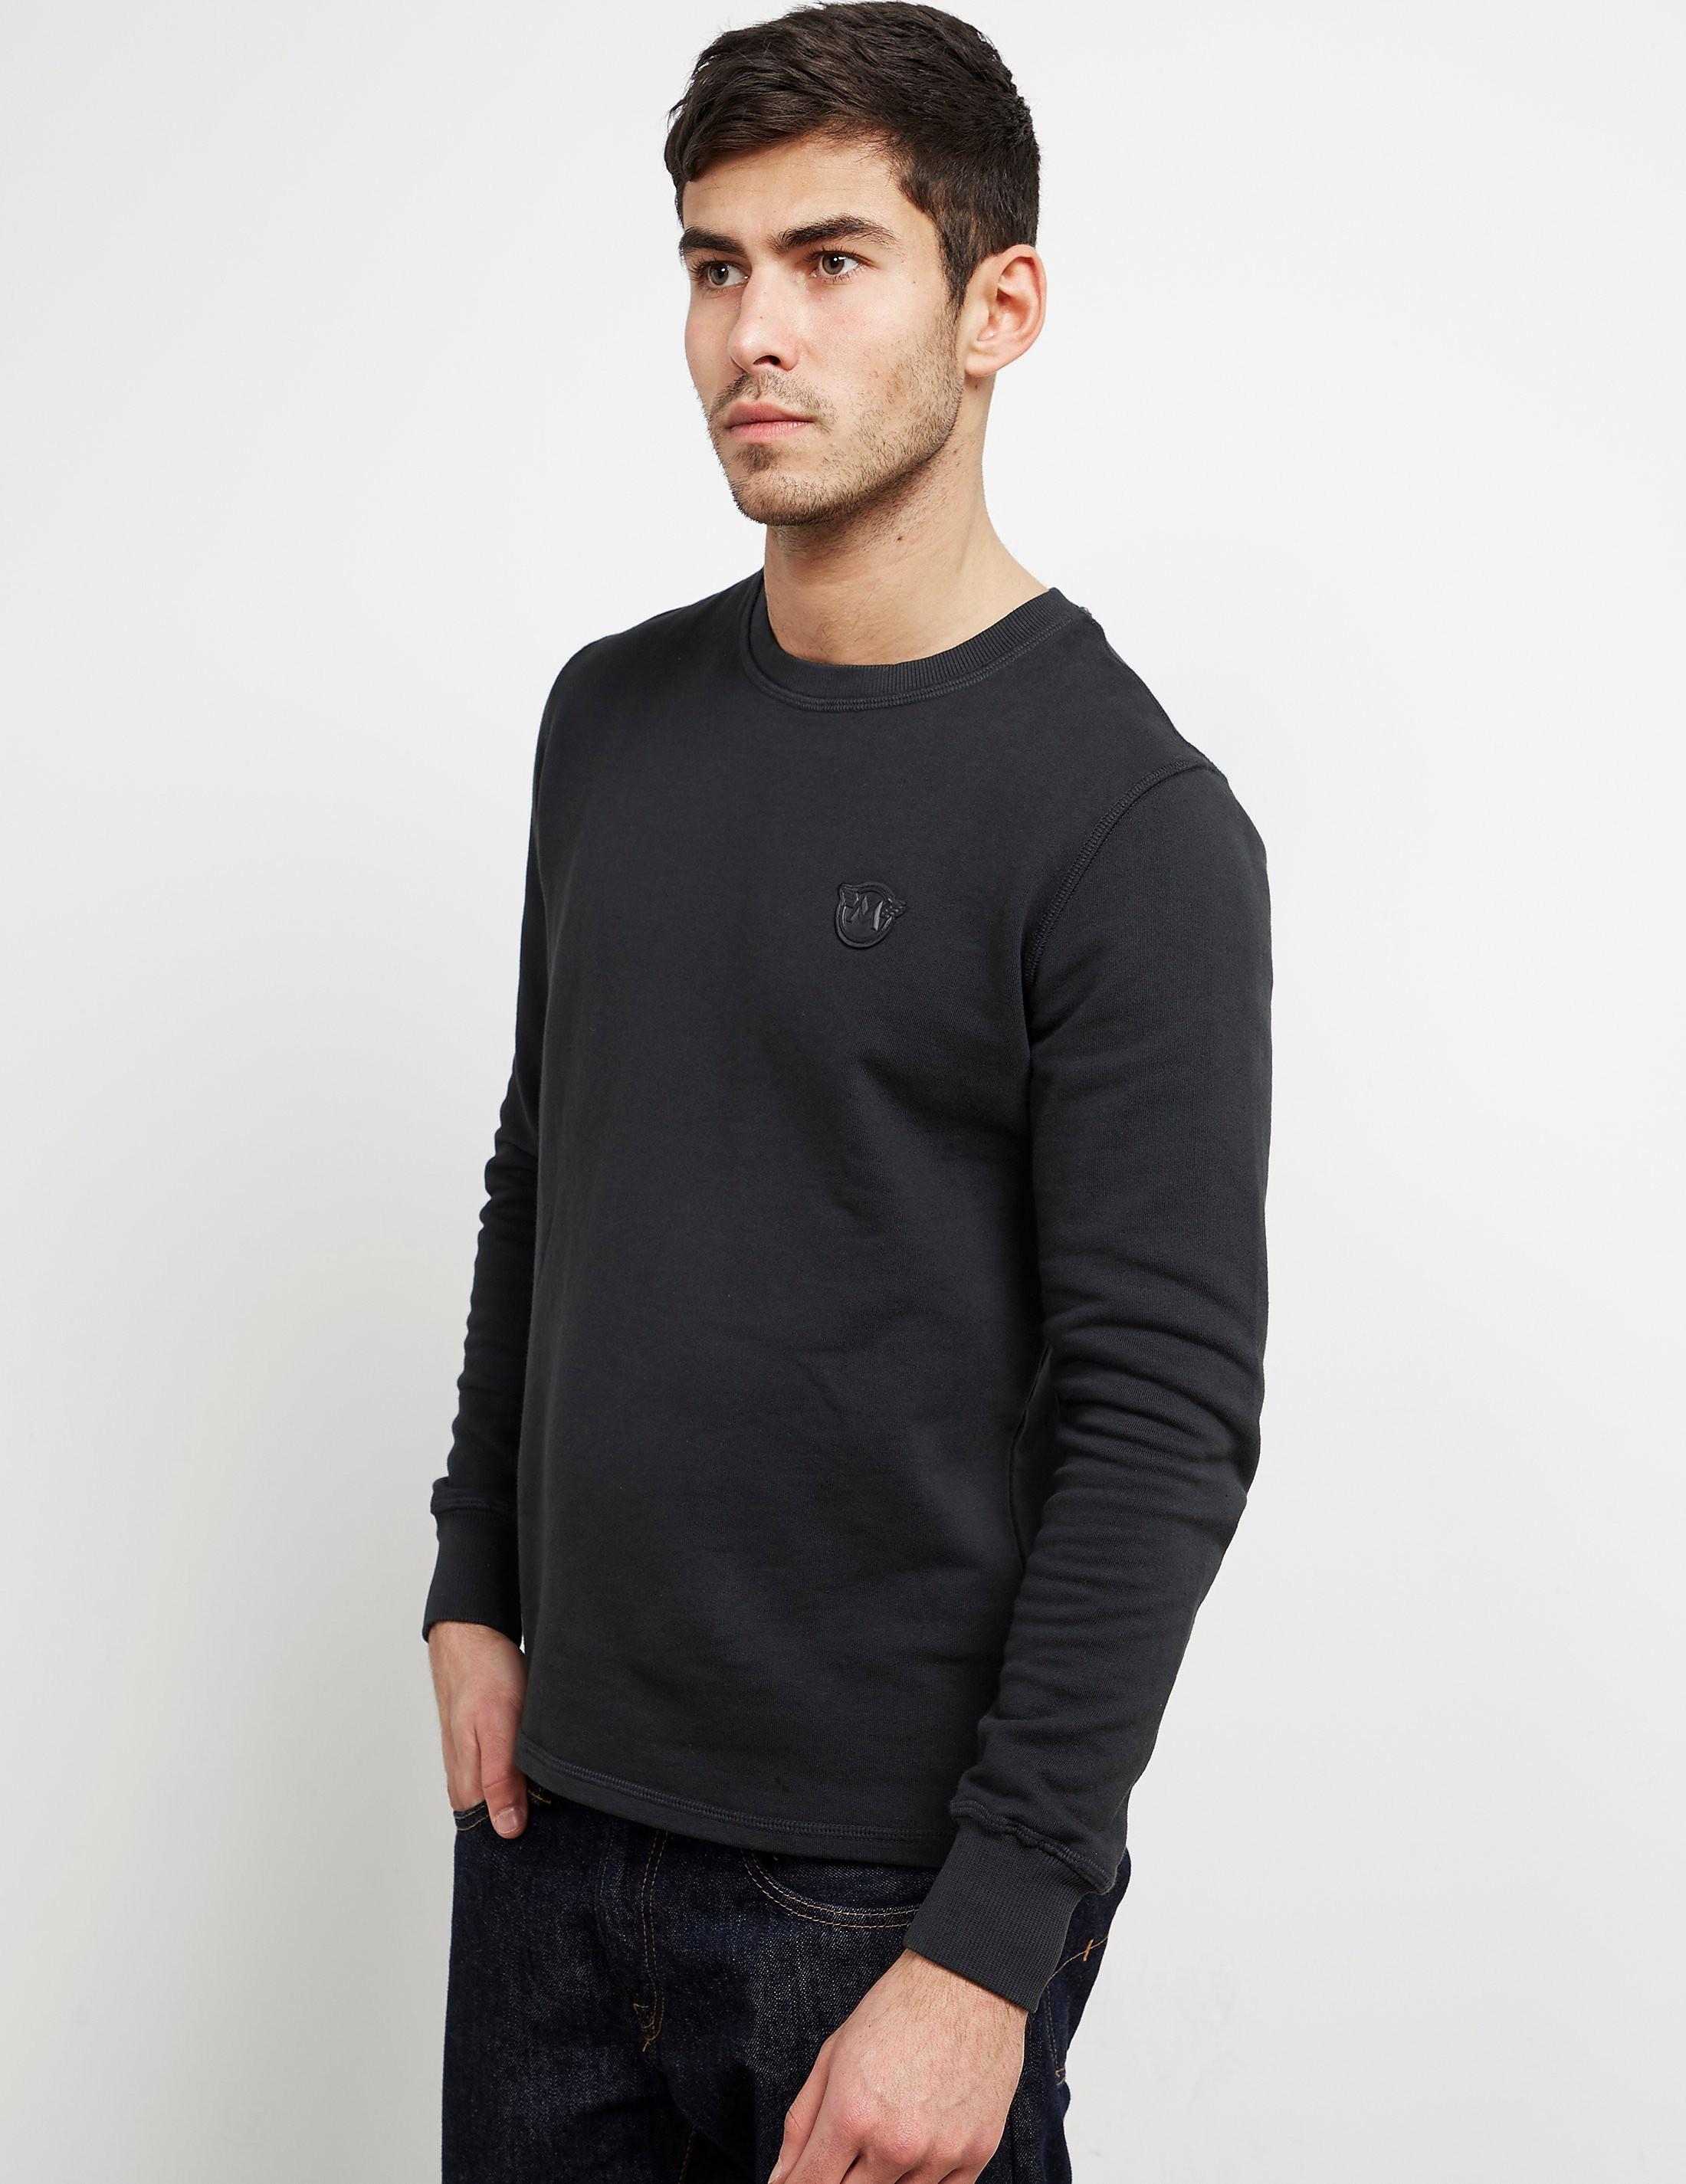 Matchless Mat Malcolm Sweatshirt